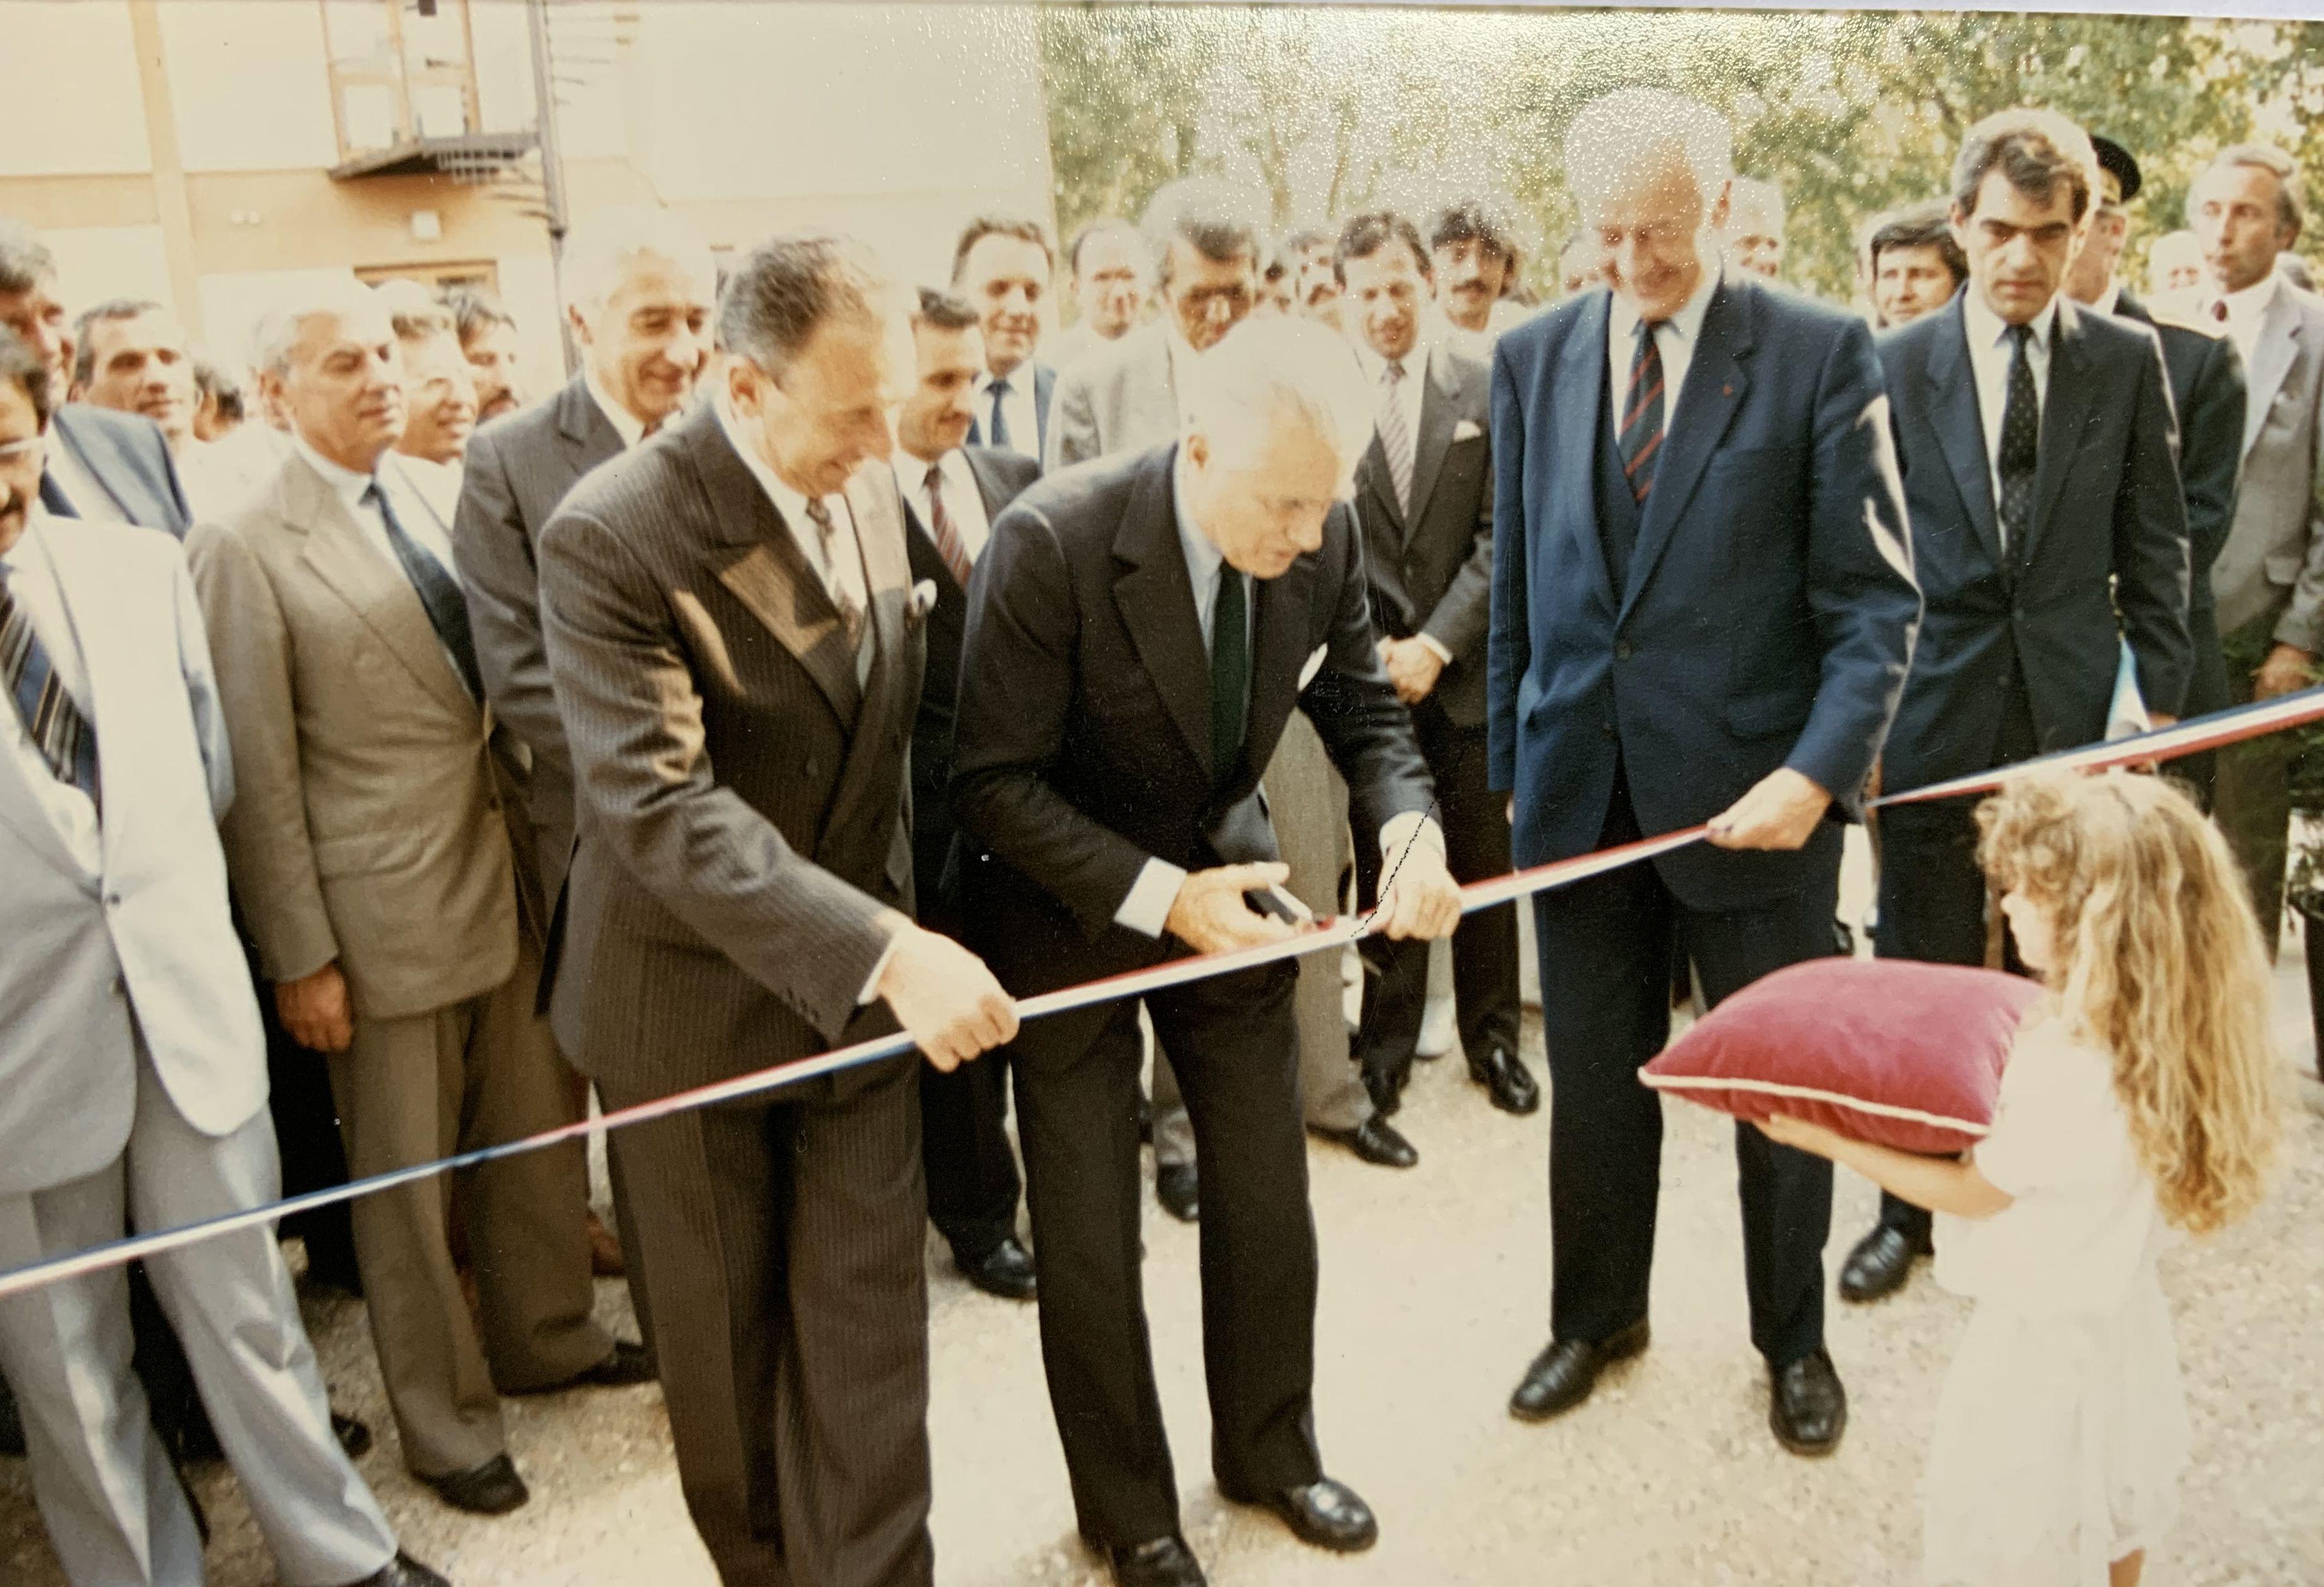 1986, Mont-de-Marsan, inauguration de la CMA avec notamment le 1er ministre Jacques Chaban Delmas, le ministre de l'artisanat et du commerce Georges Chavannes et le président du conseil départemental Henri Emmanuelli